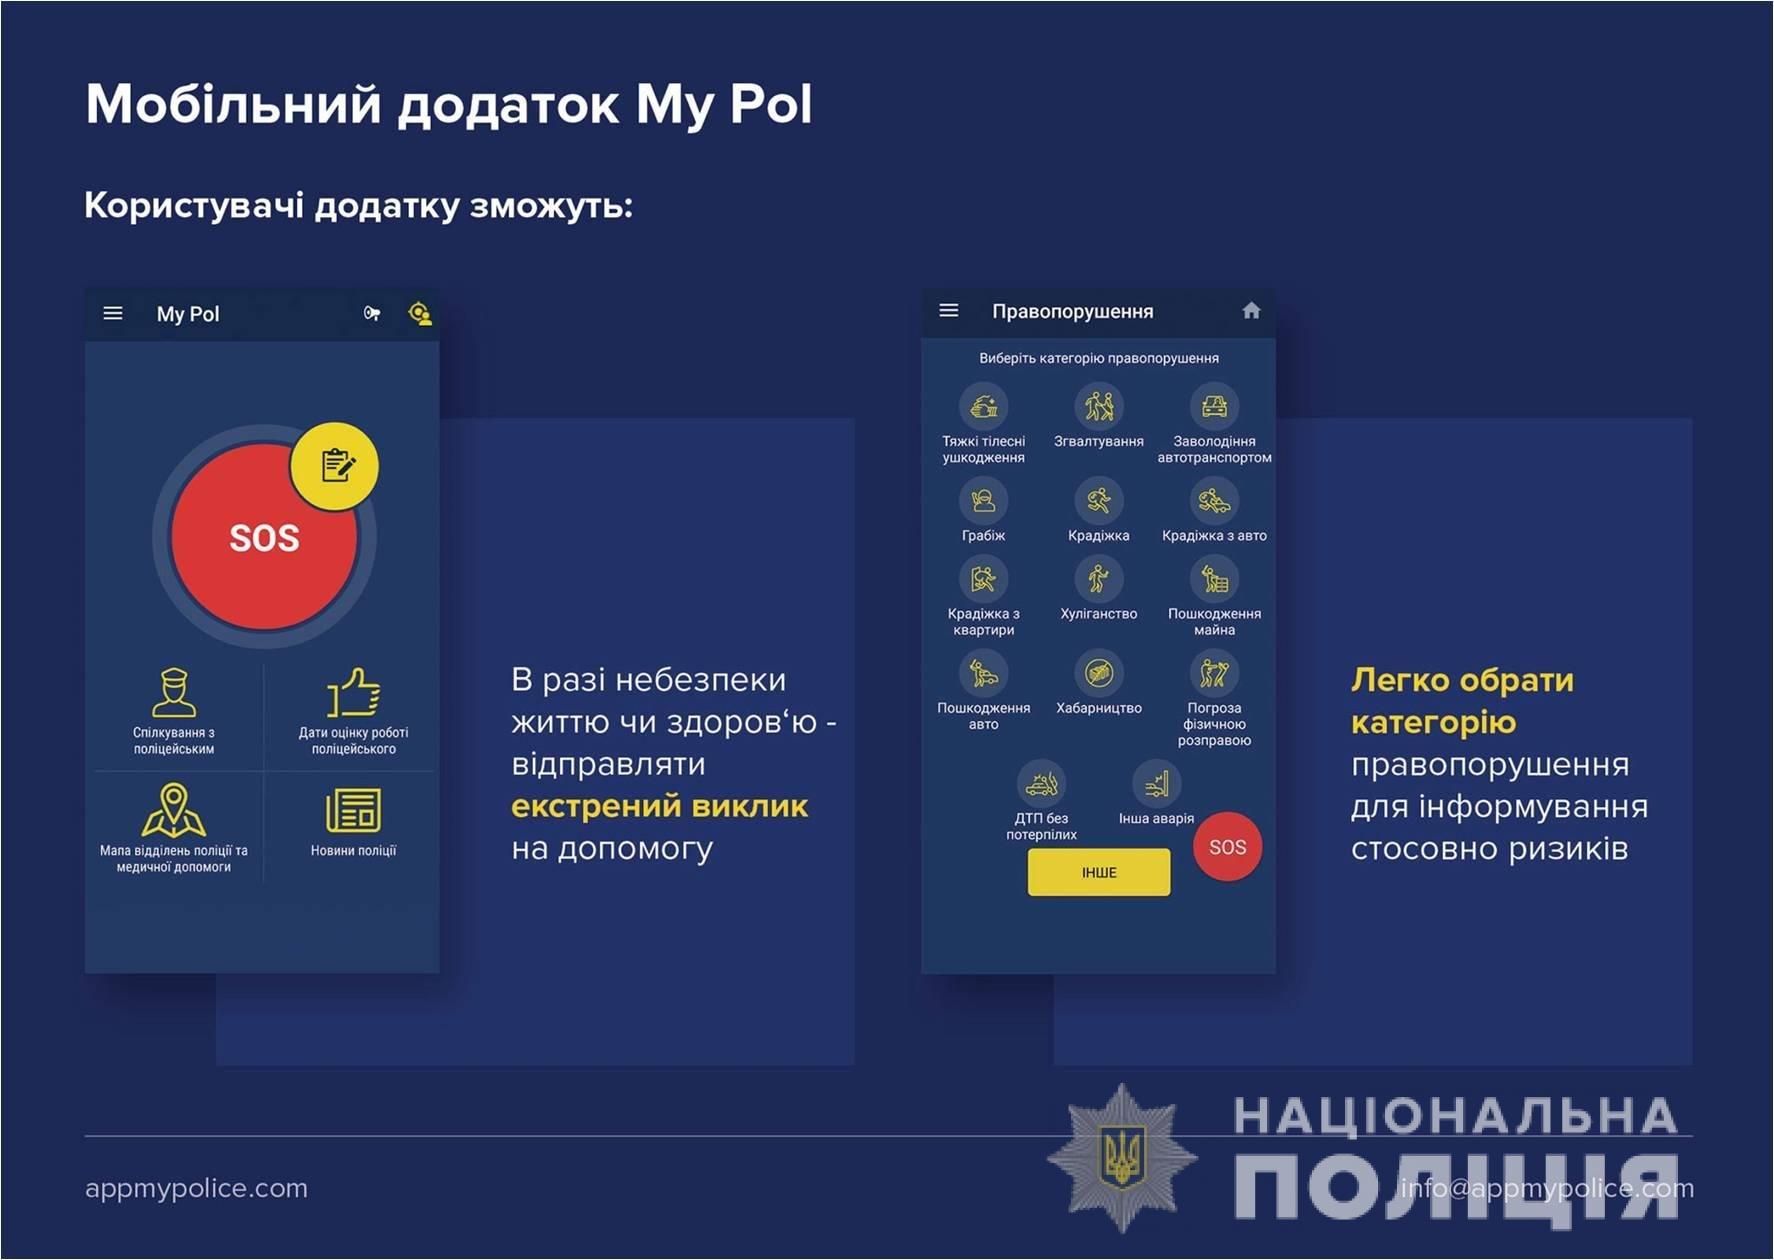 Тепер на Житомирщині викликати поліцію можна за допомогою додатка «MyPol»